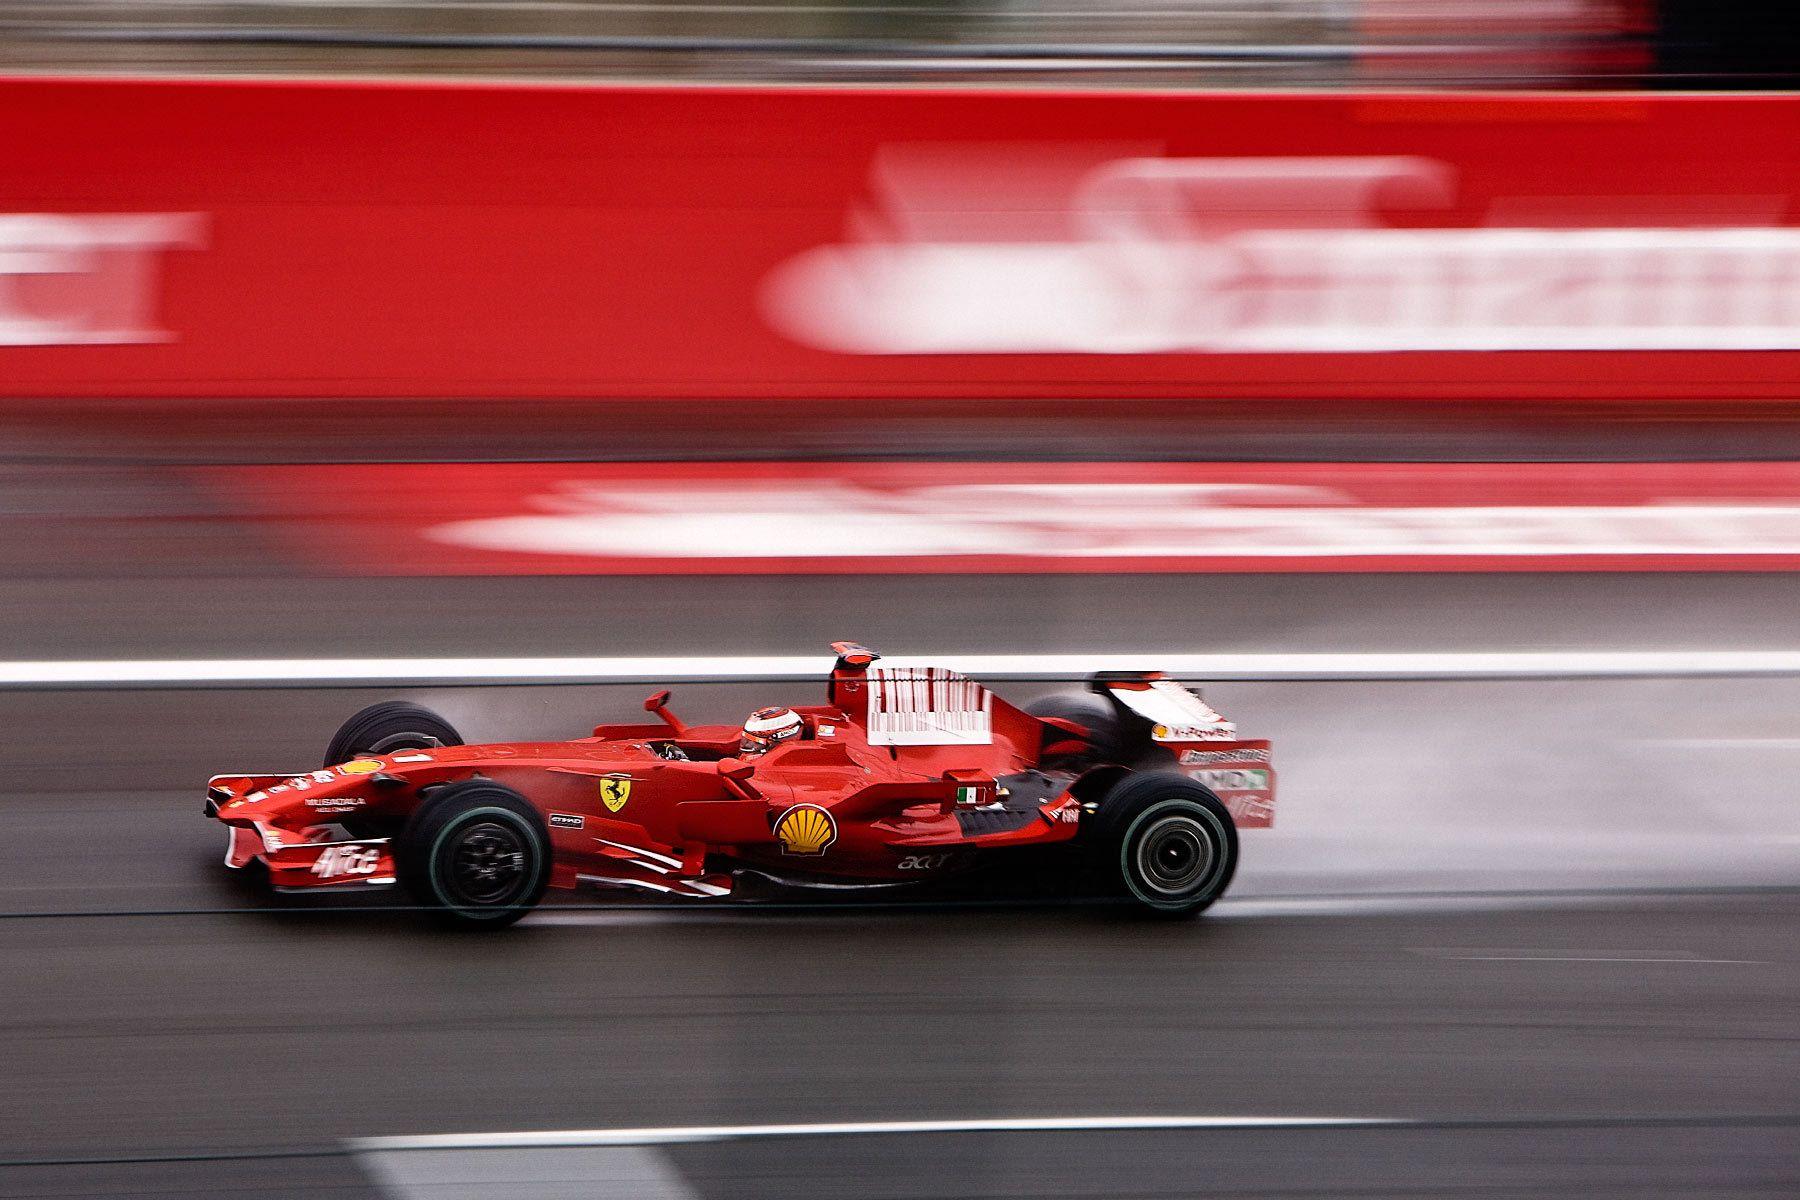 Kimi Raikkonen/ Ferrari